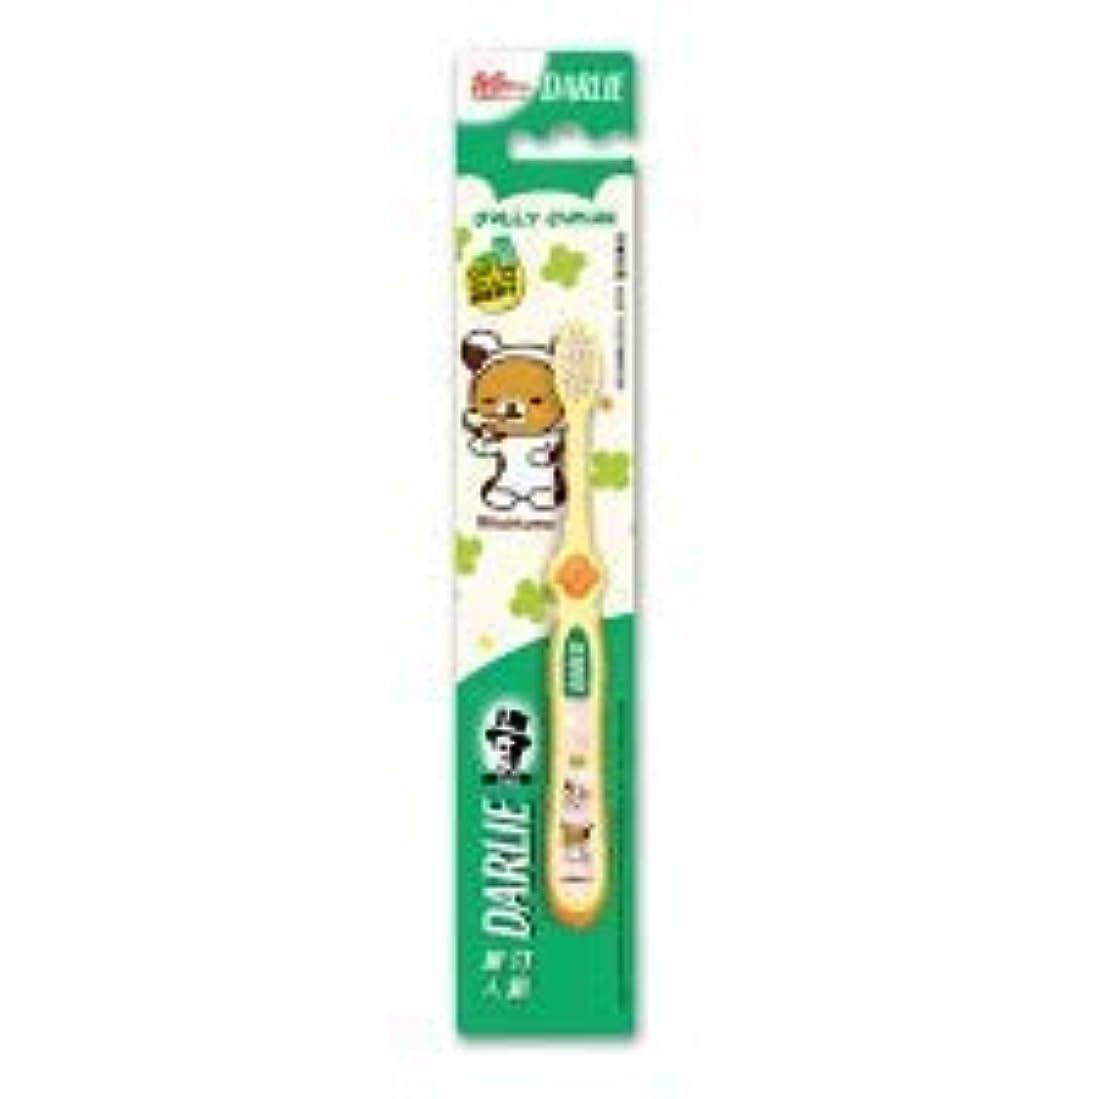 気候の山モンゴメリー俳優DARLIE メリージュニア2-6歳歯ブラシ - ジェントル歯茎と歯のエナメル質は良好な洗浄を持っています